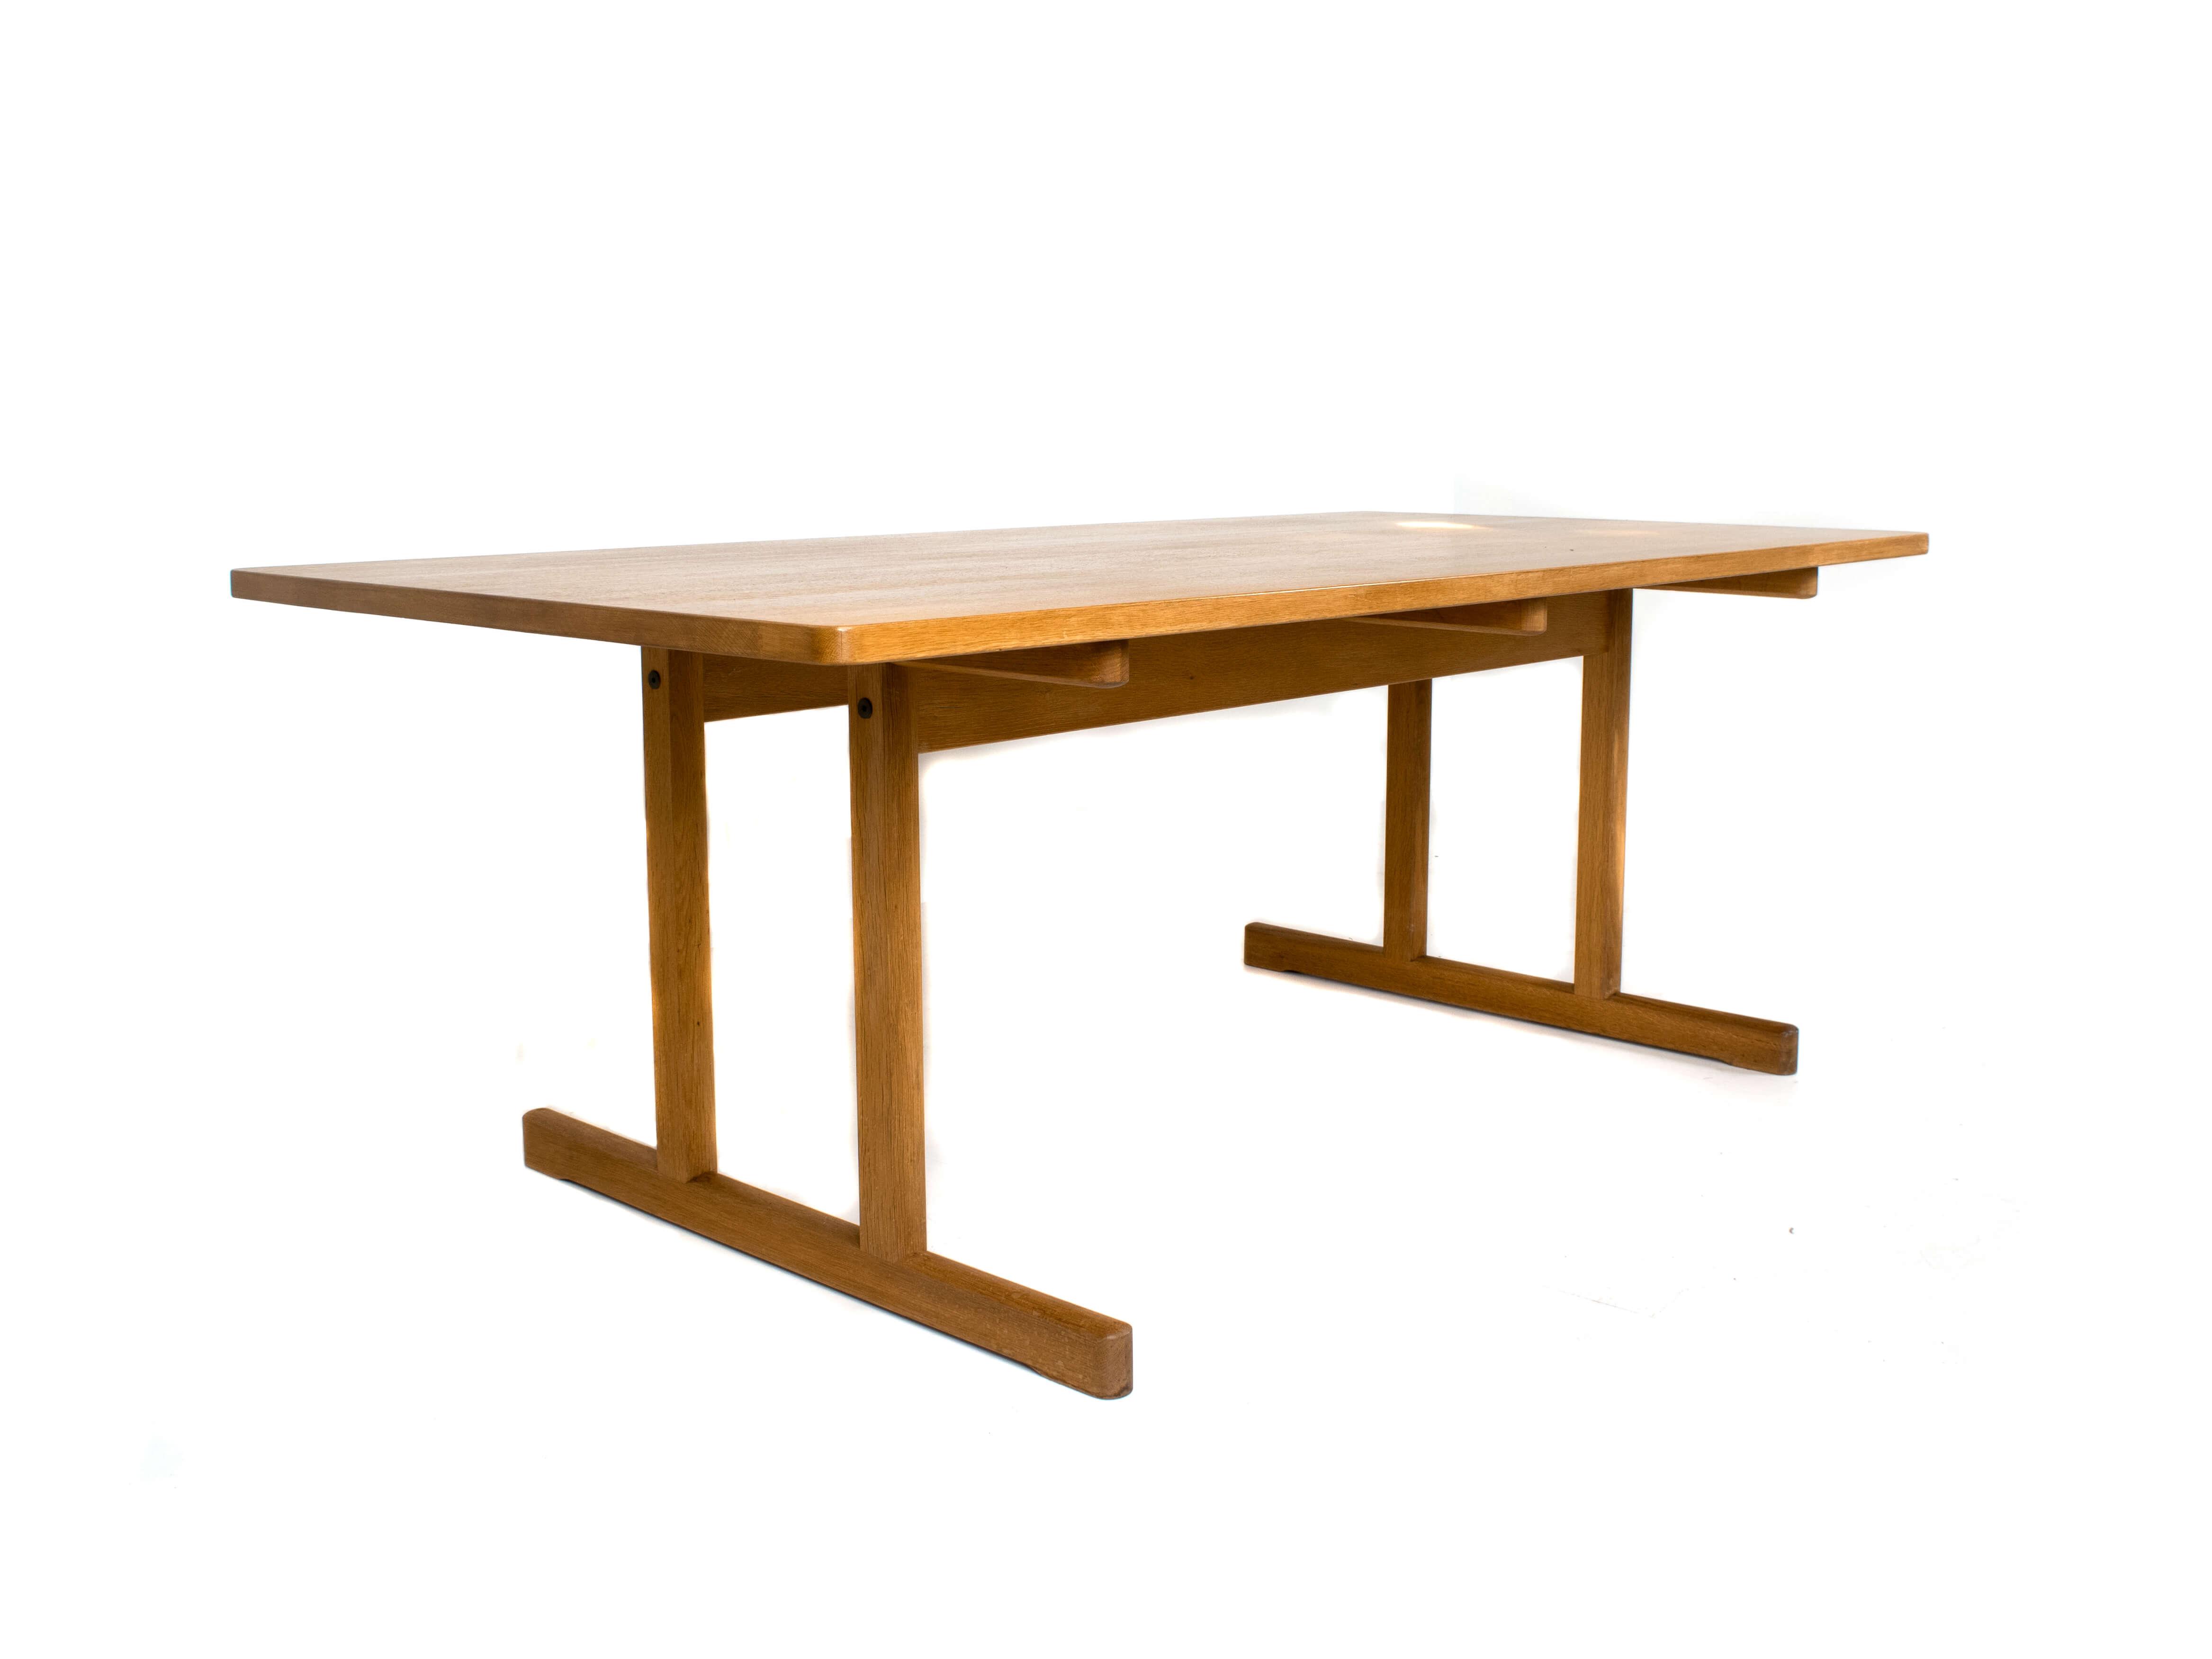 Børge Mogensen Shaker Dining Table Model 6286 for Fredericia, Denmark 1960s